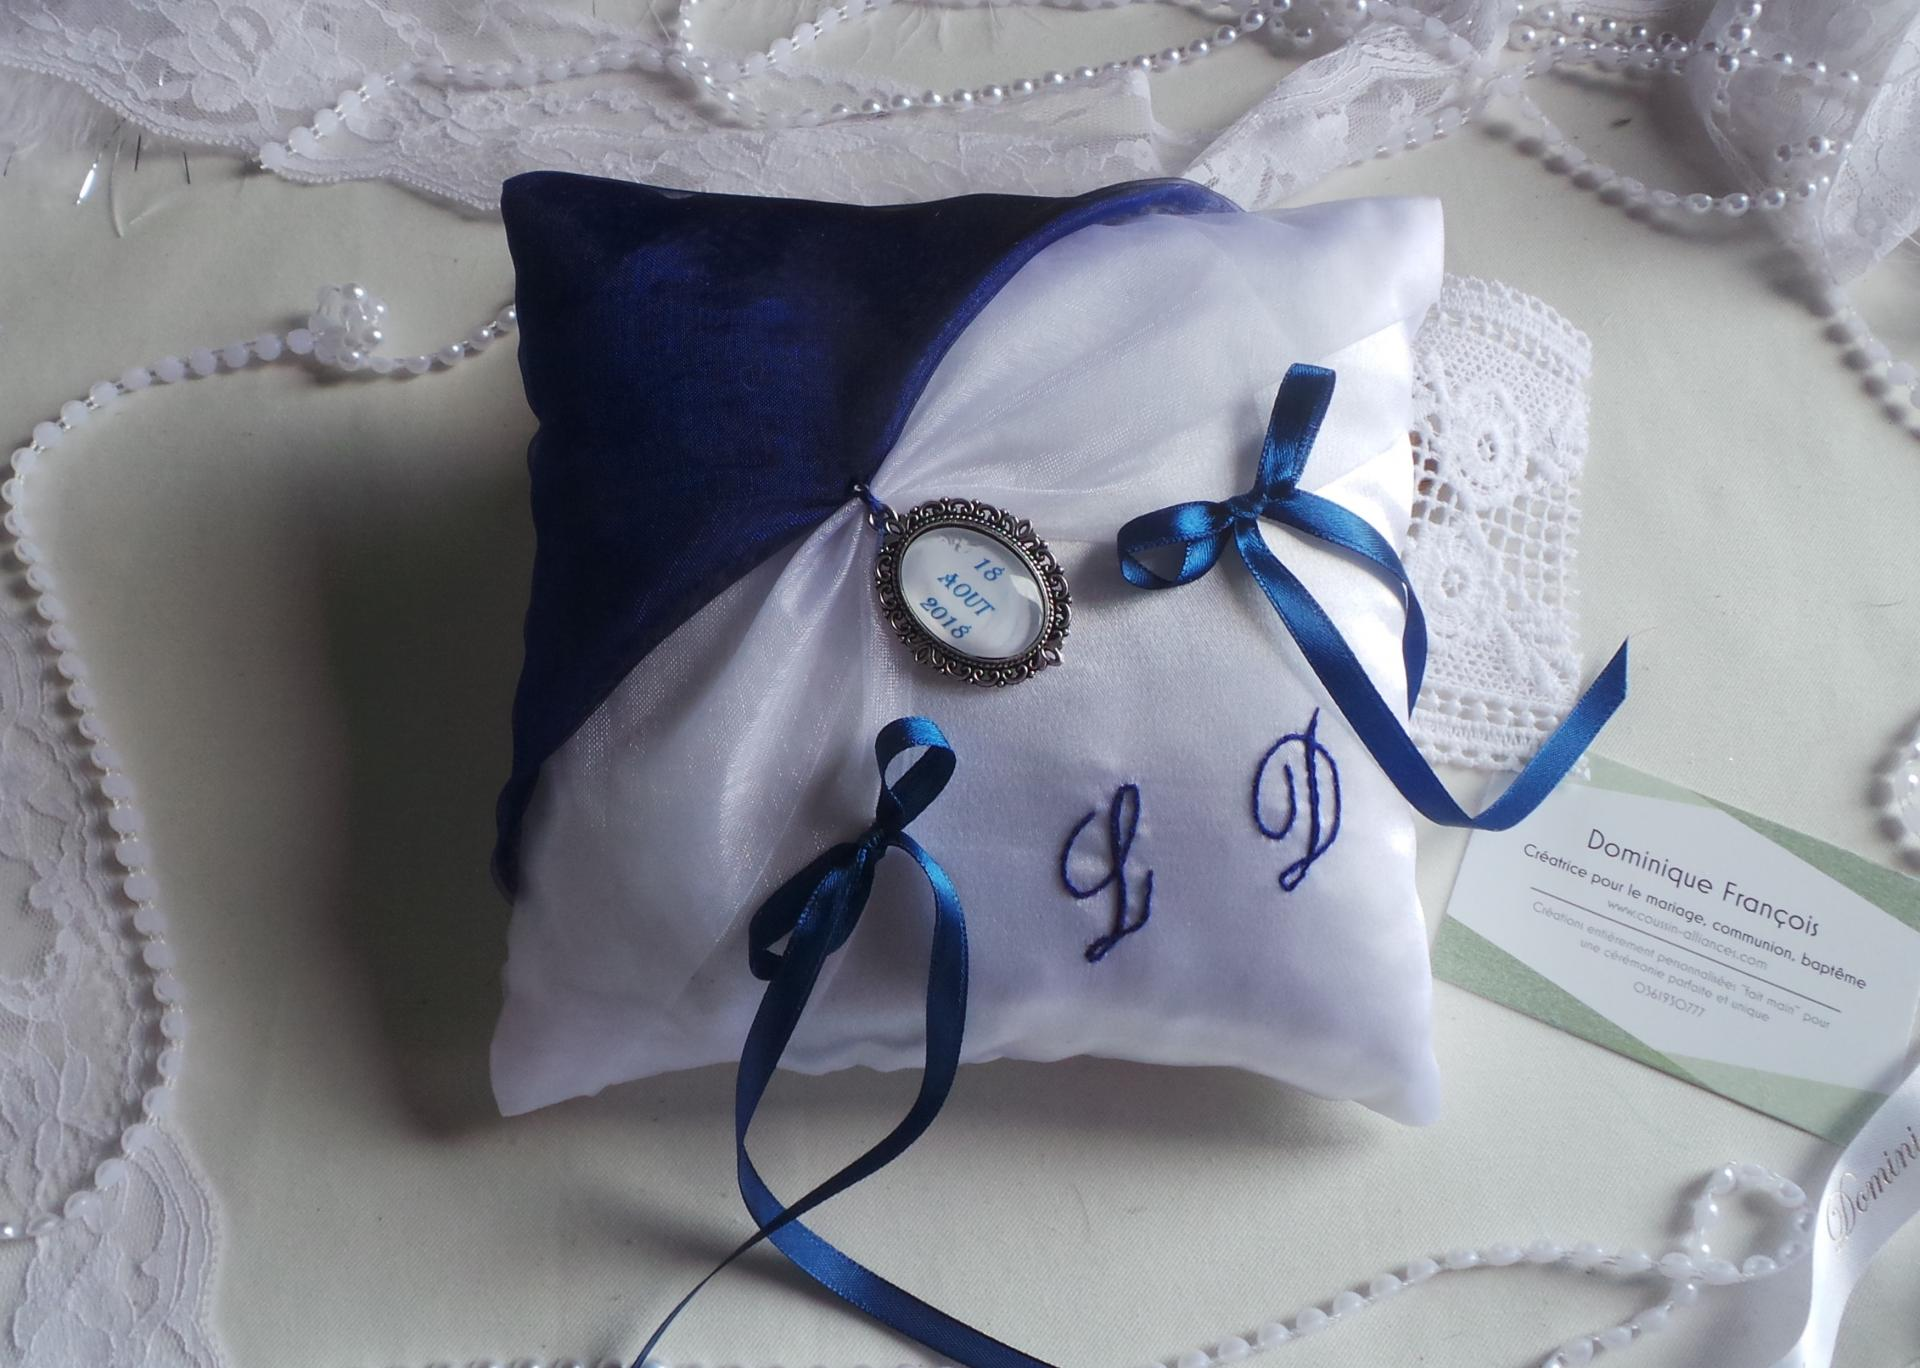 Coussin de mariage porte alliance chic bleu roi, marine et blanc personnalisé